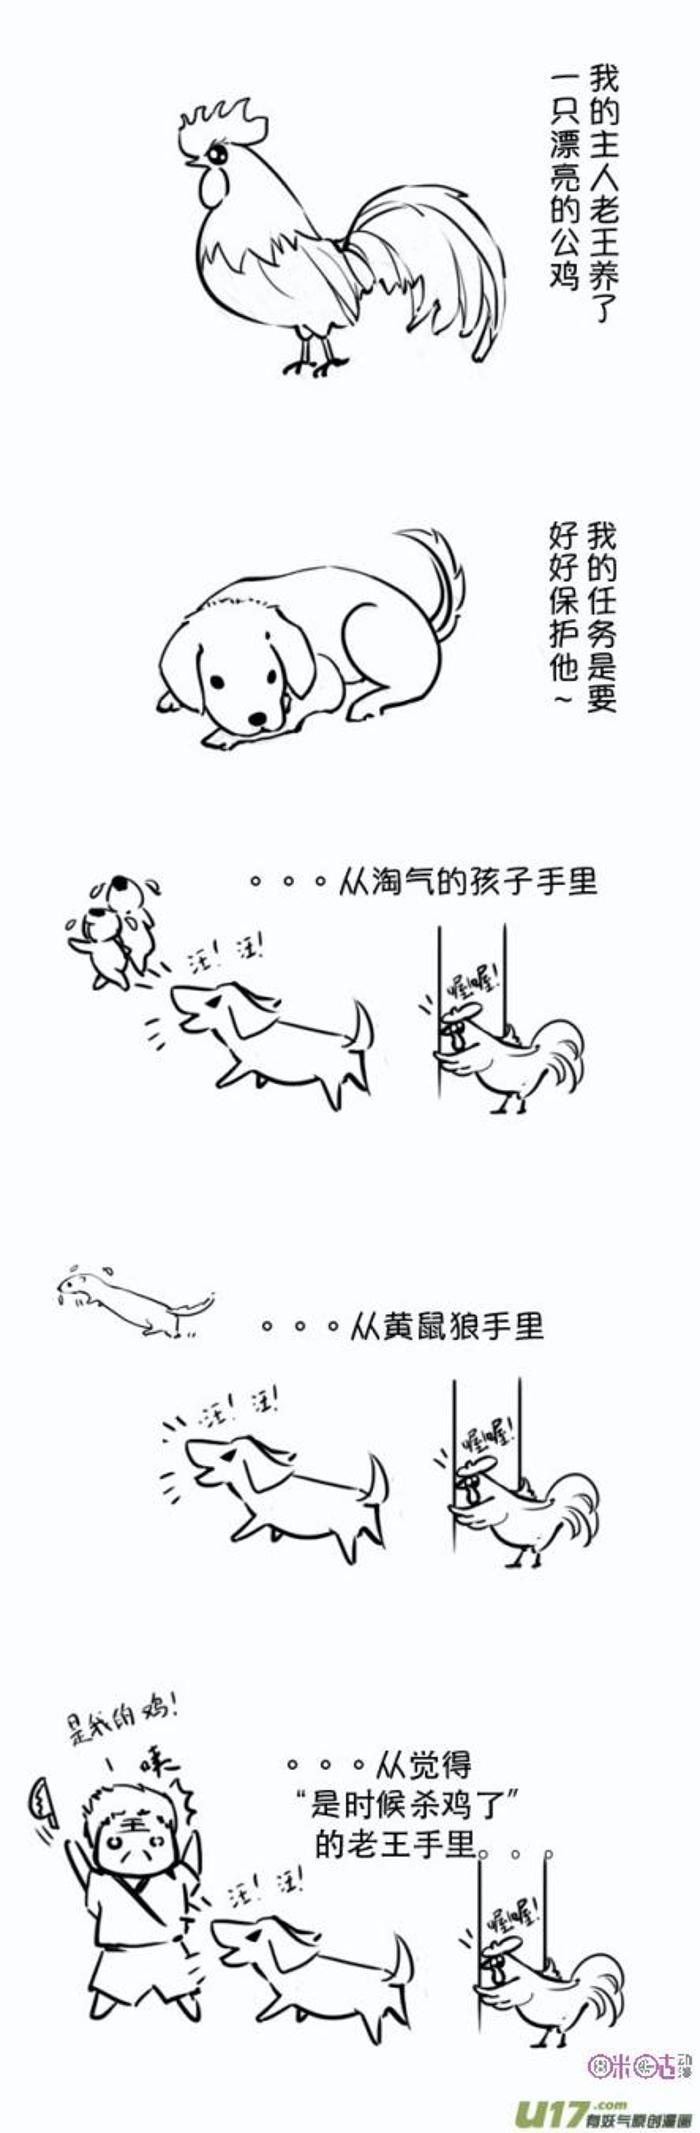 番外:鸡与犬